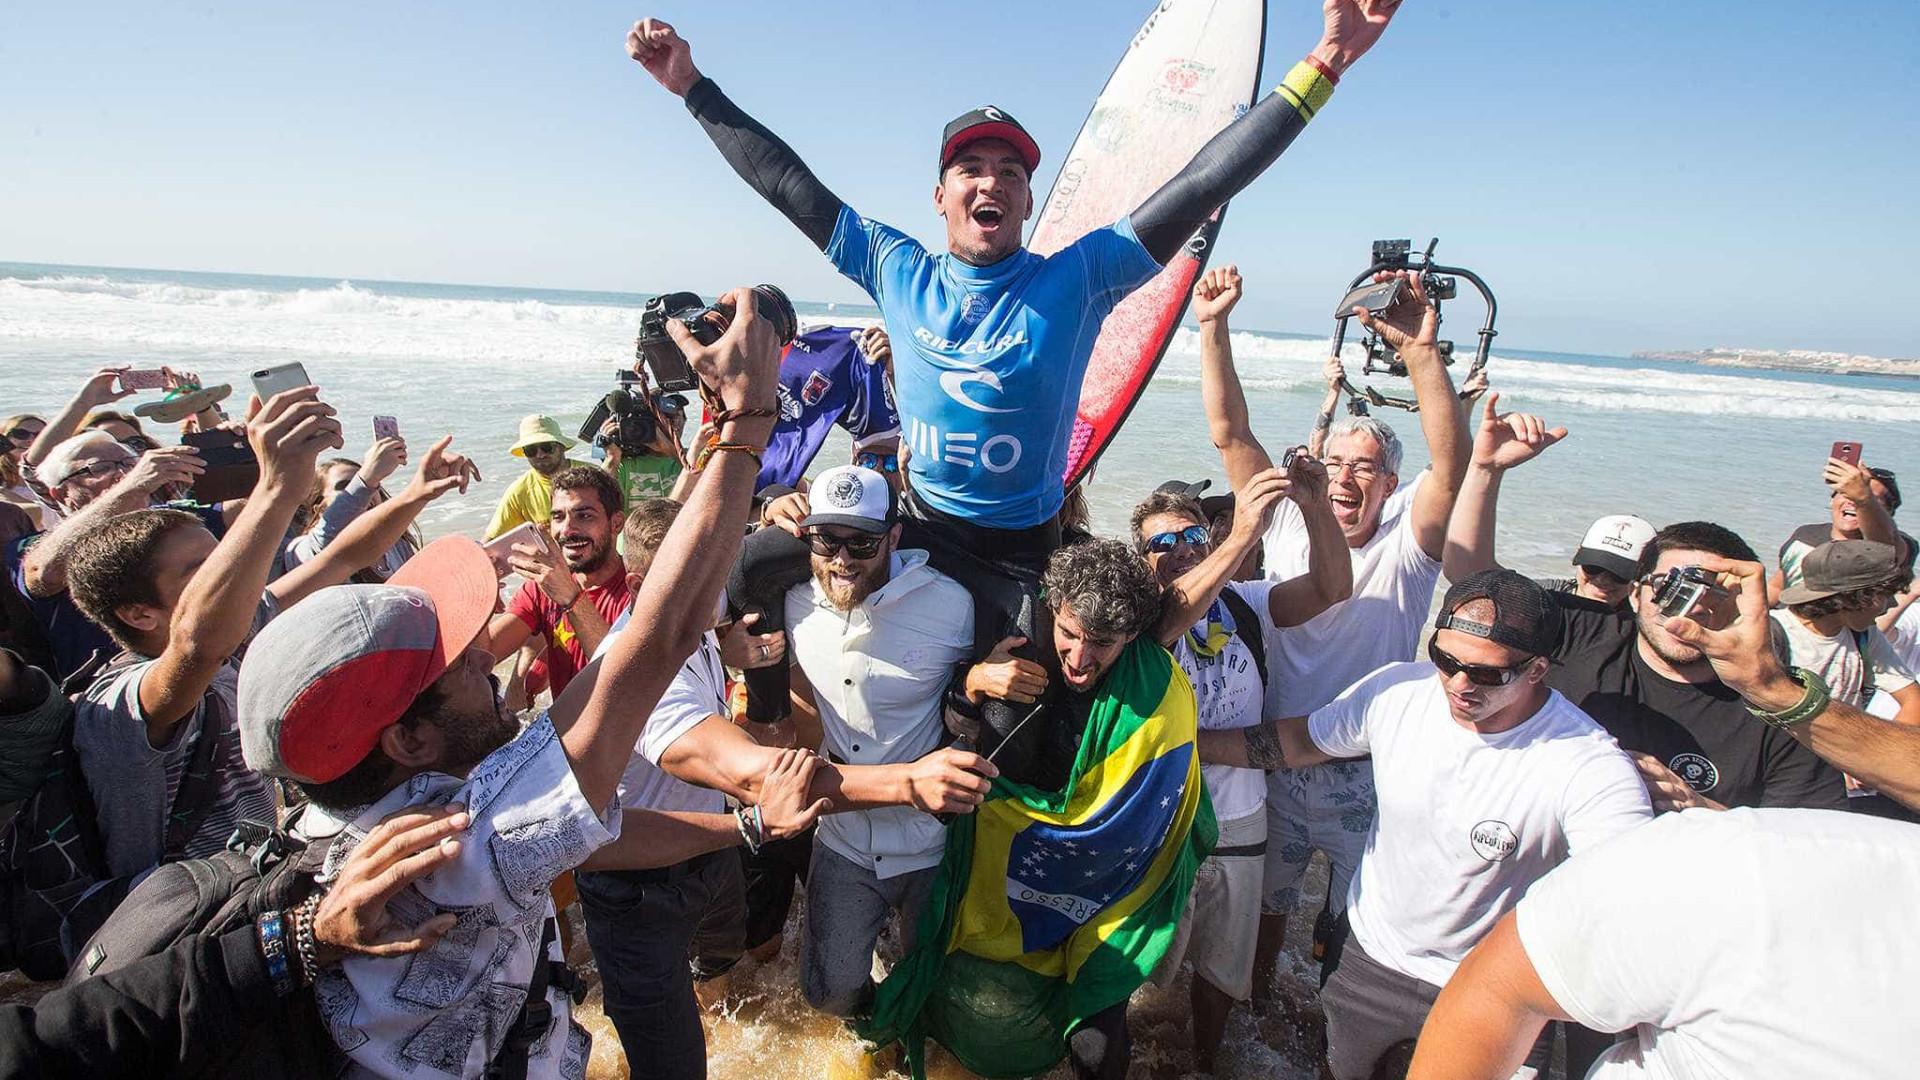 Medina é o surfista da elite mundial que mais lucrou em 2017; confira